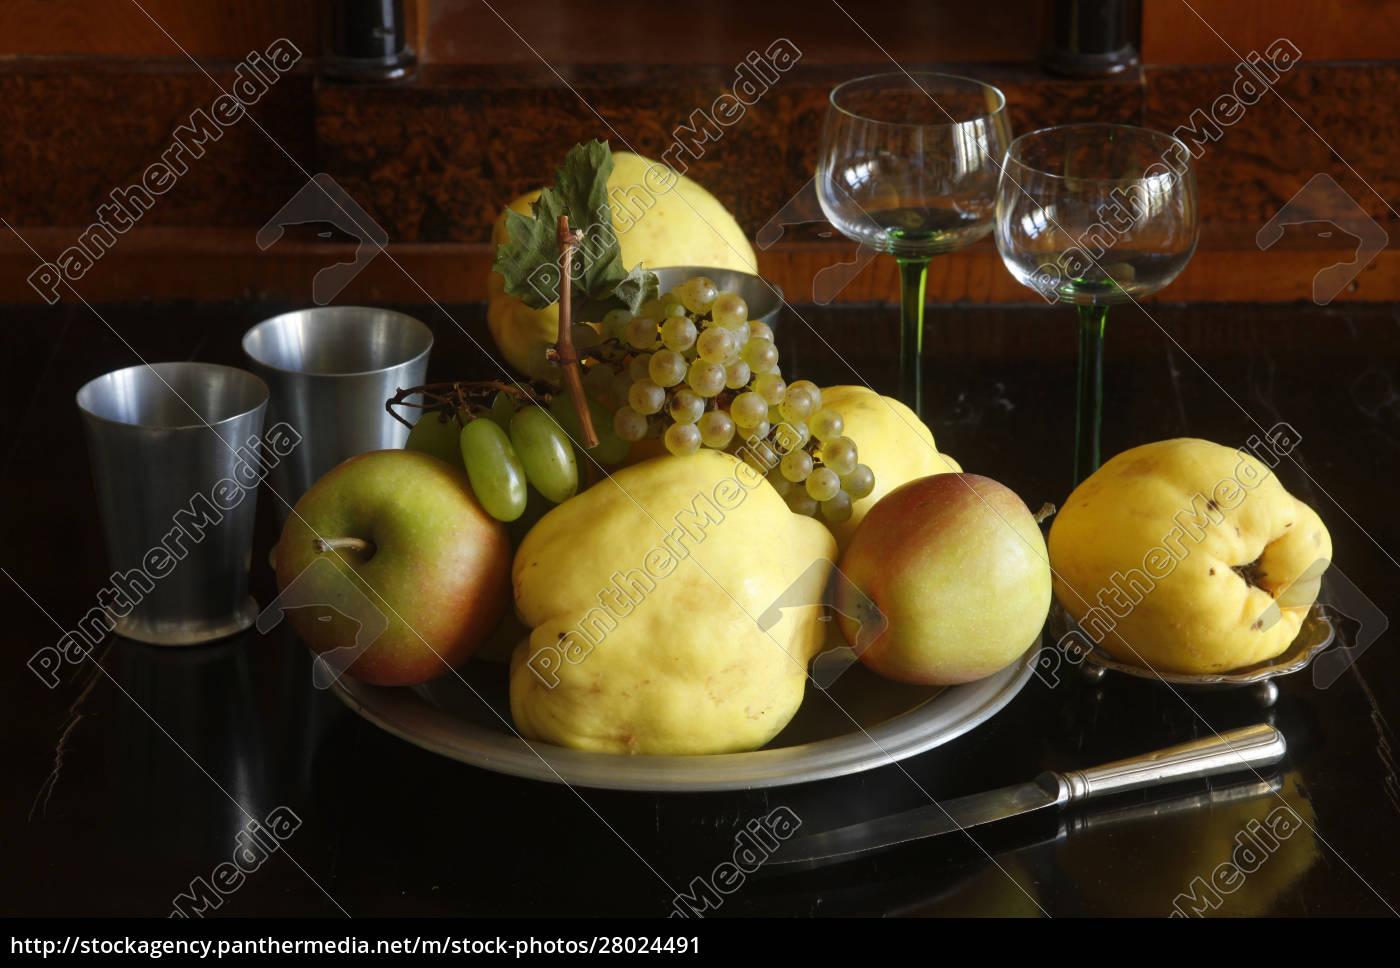 stillleben, mit, quitten, Äpfeln, und, trauben - 28024491